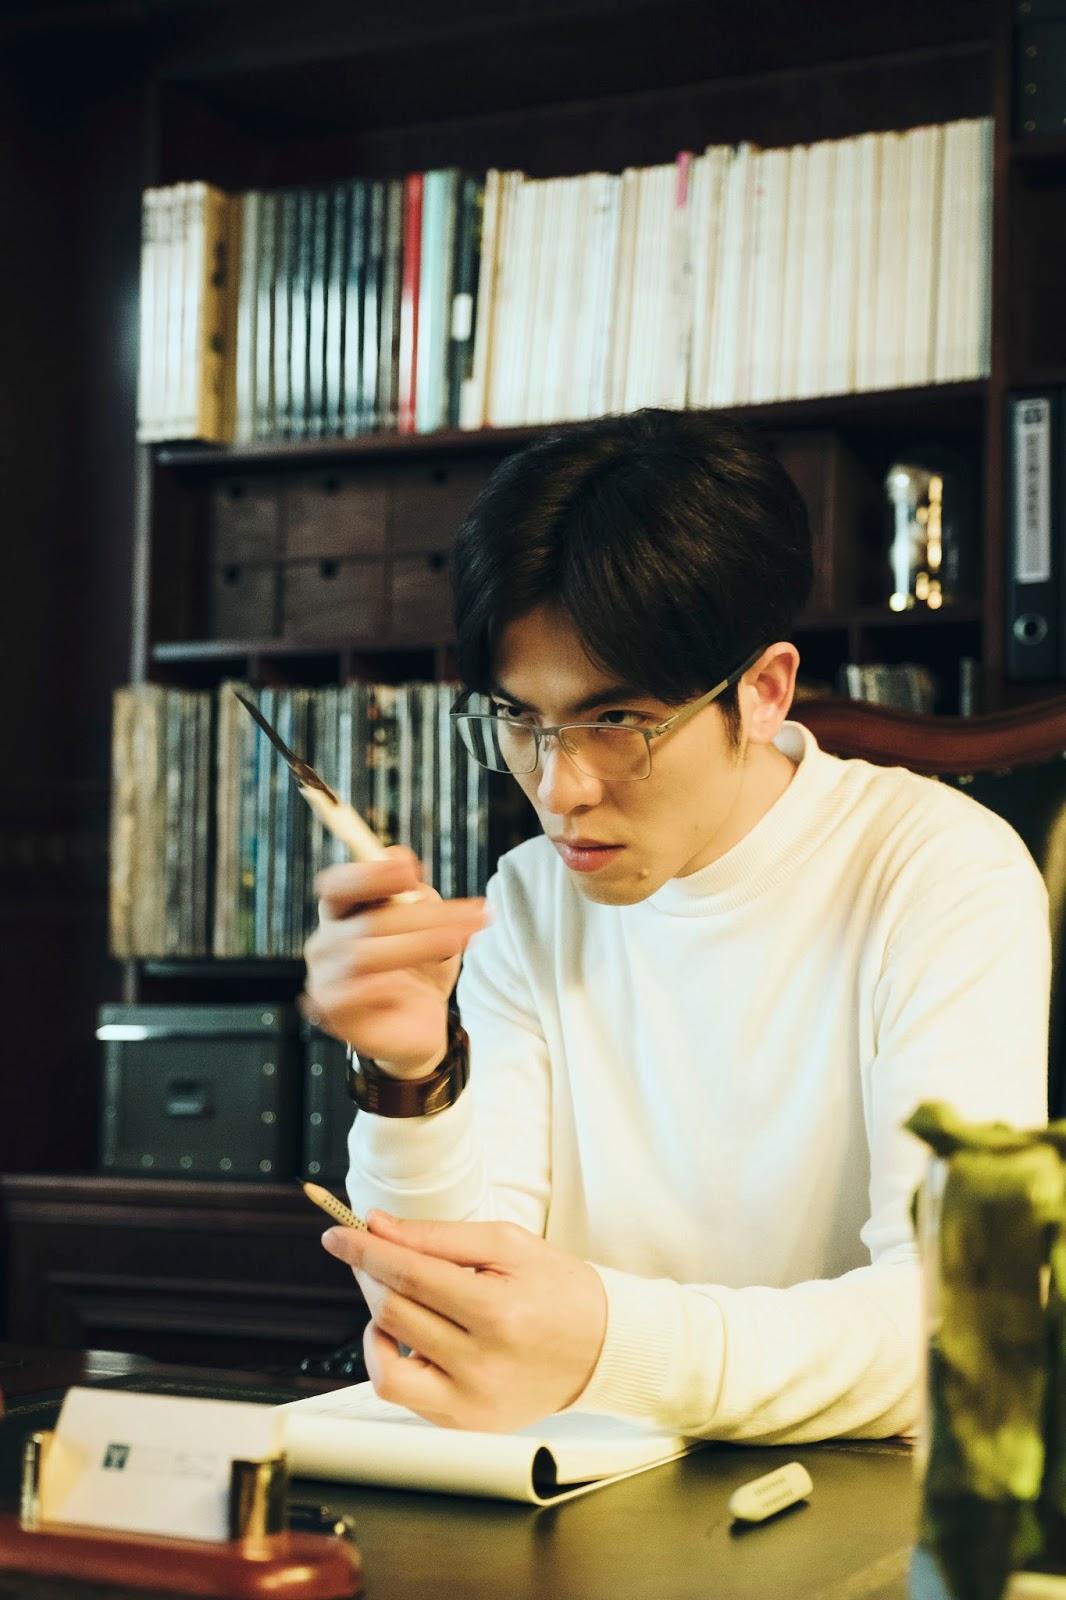 蕭敬騰首度跨足電視劇 《魂囚西門》挑戰驚悚 - WoWoNews